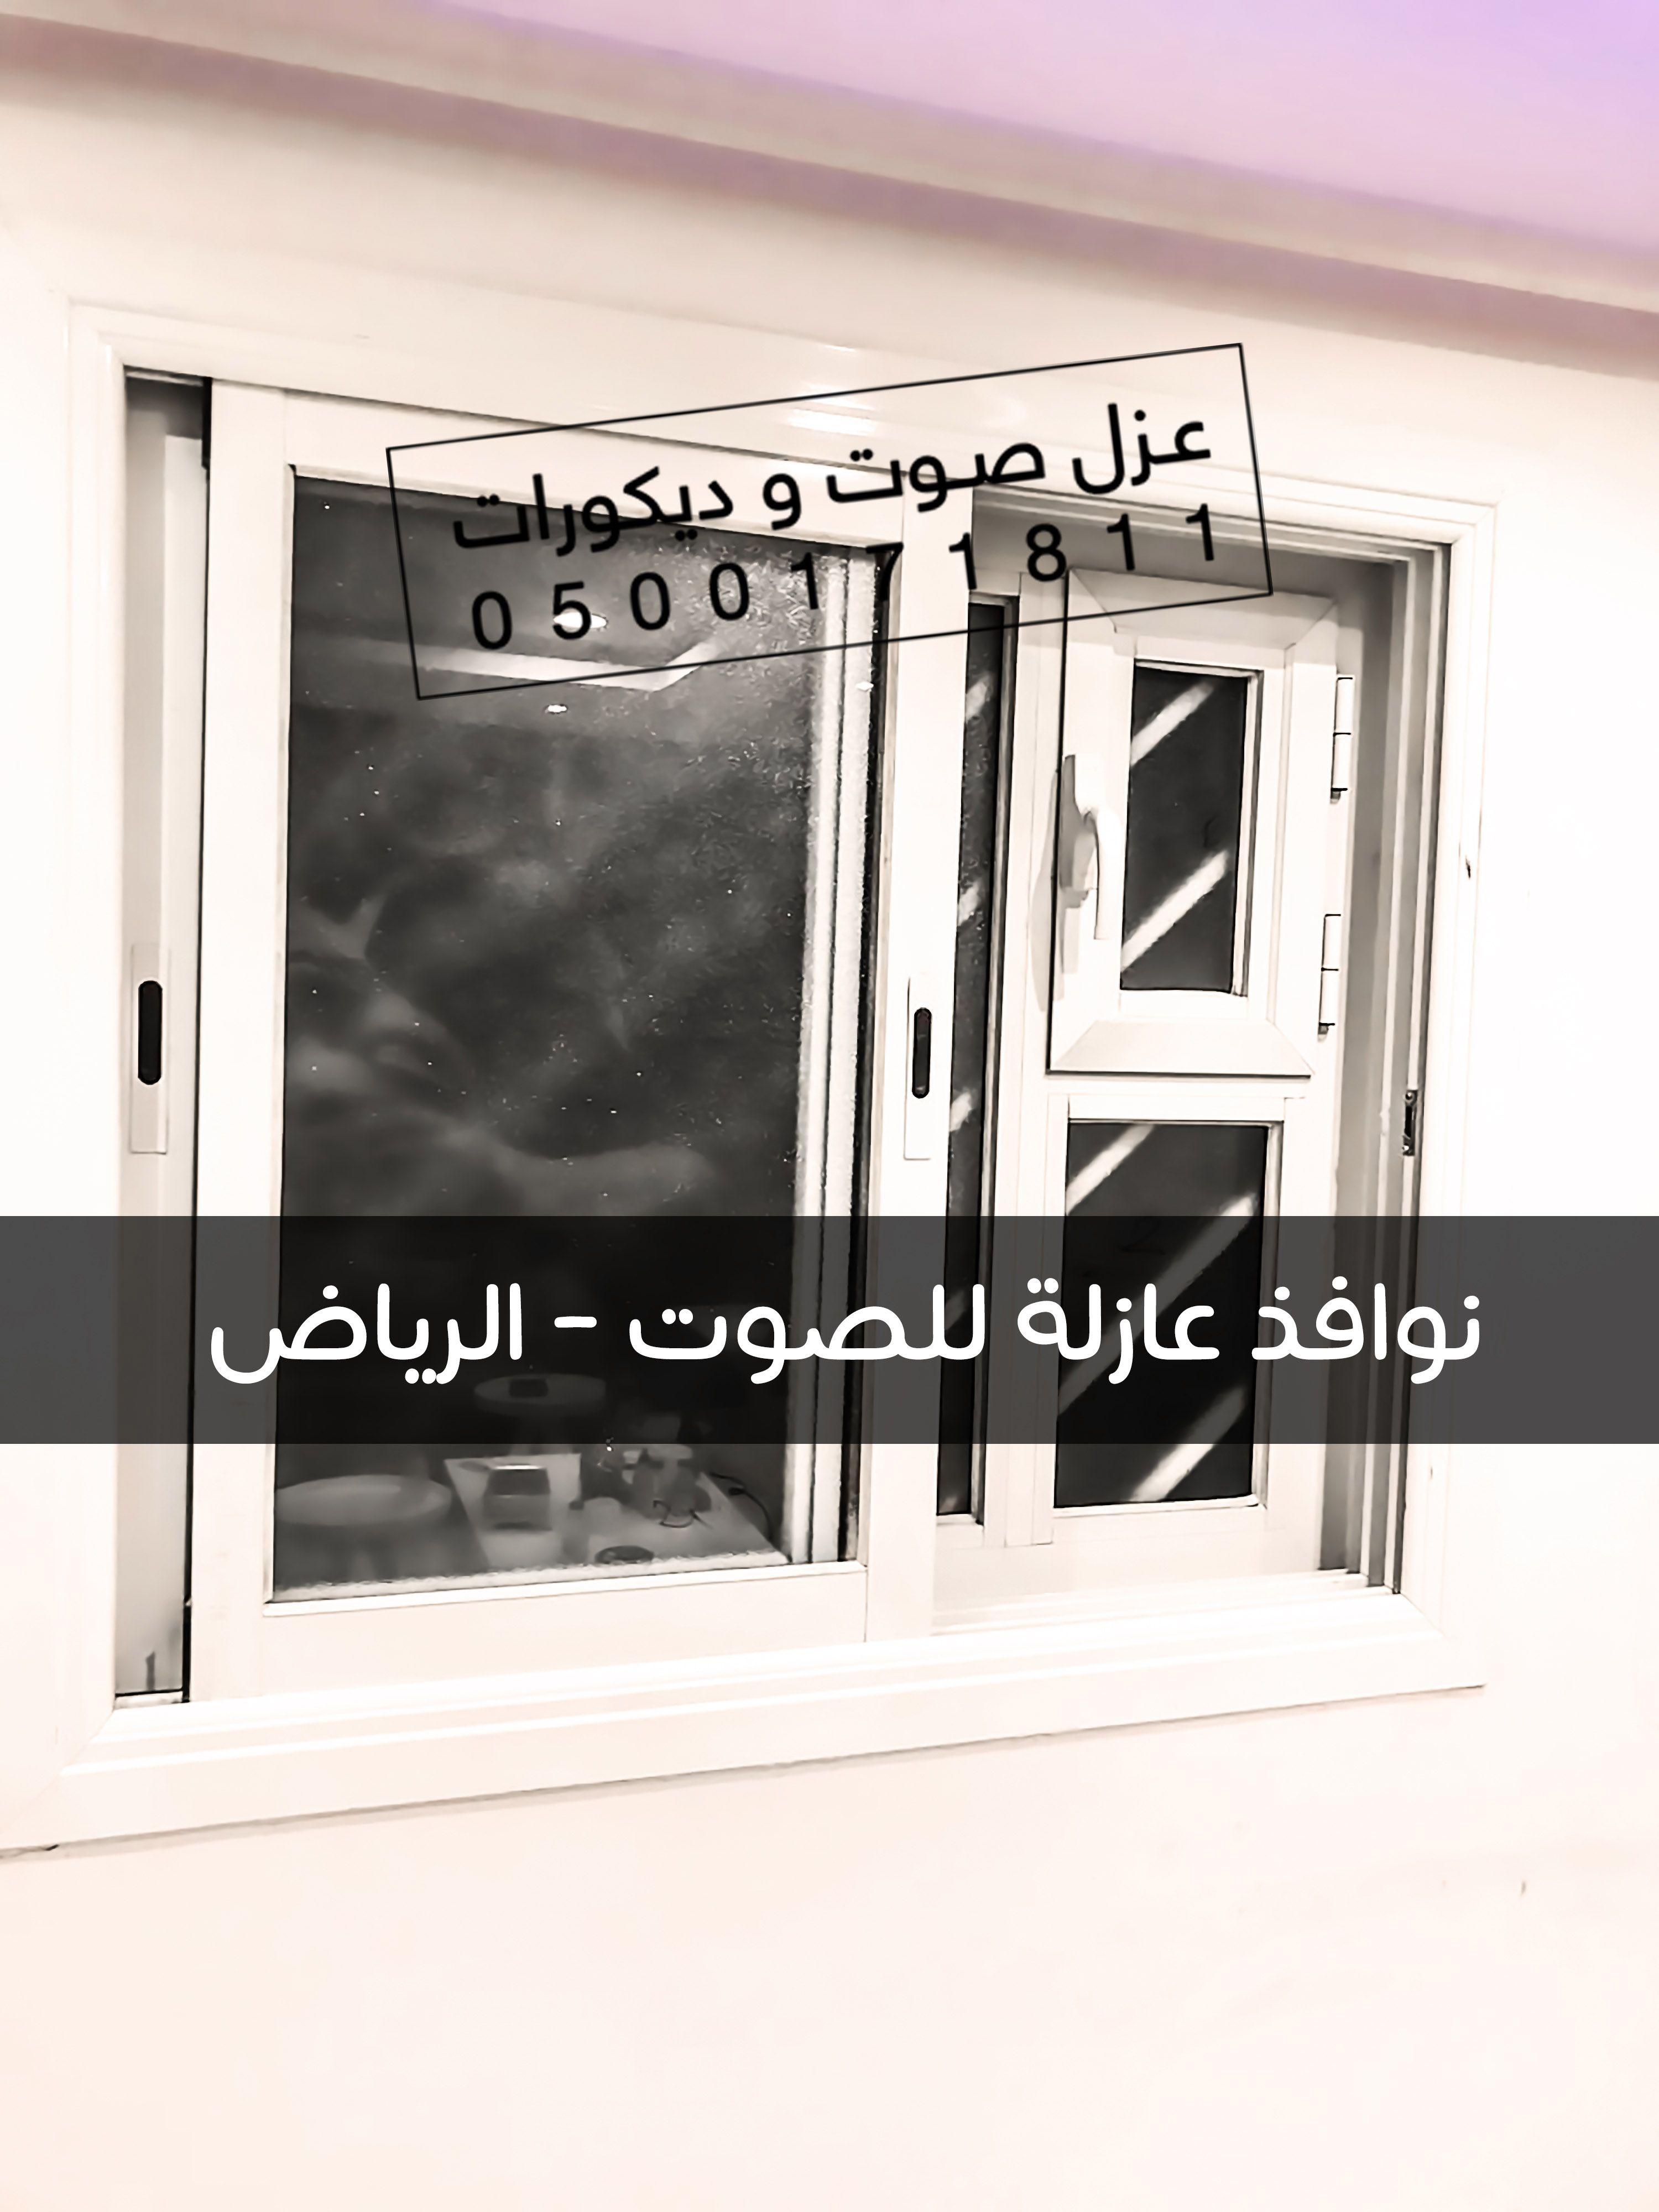 عازل صوتي للنوافذ في الرياض